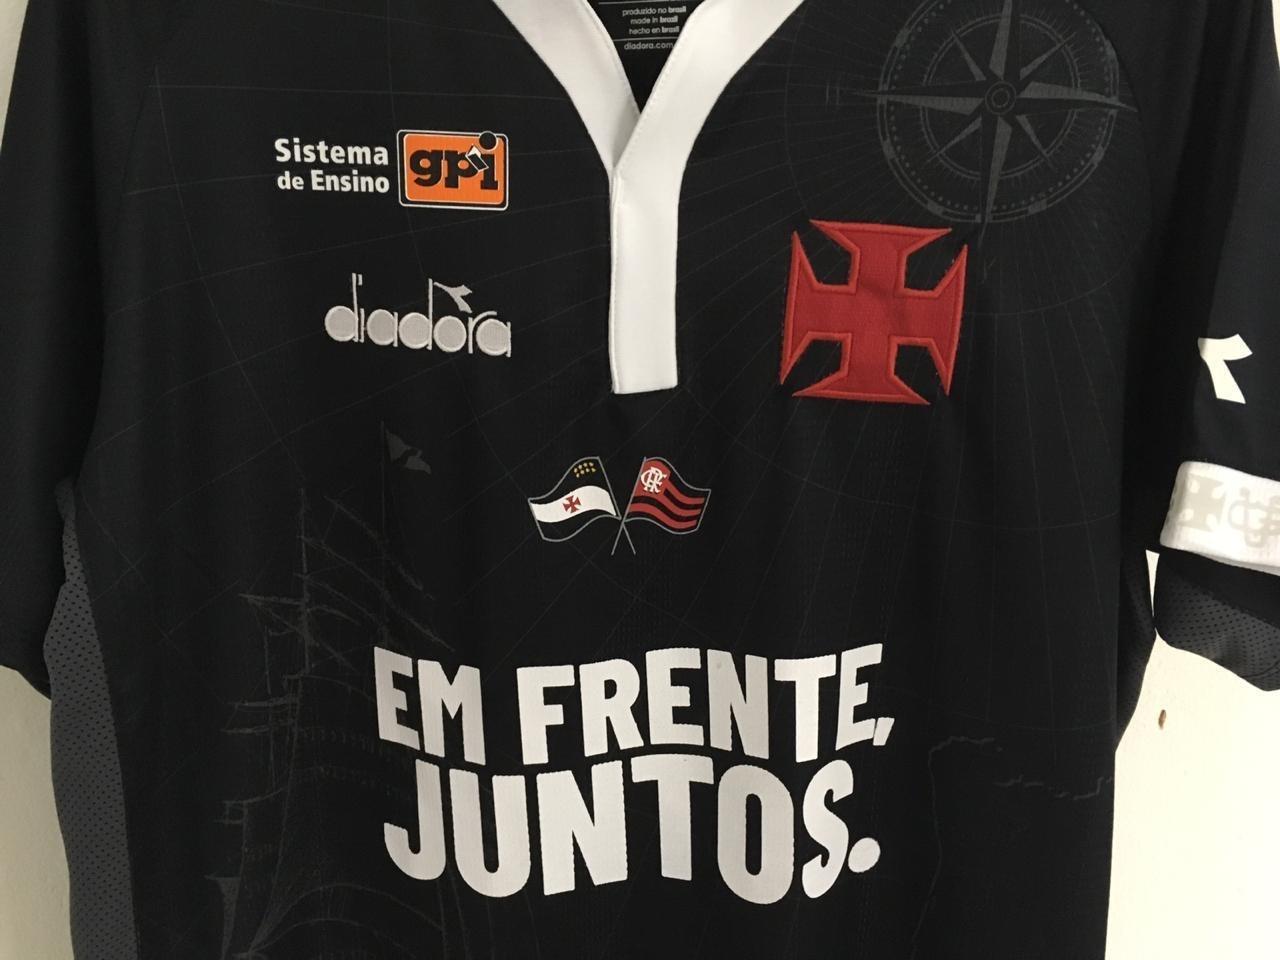 Vasco usará bandeira do Fla na camisa em jogo contra o Resende 71a9c1ec29d76